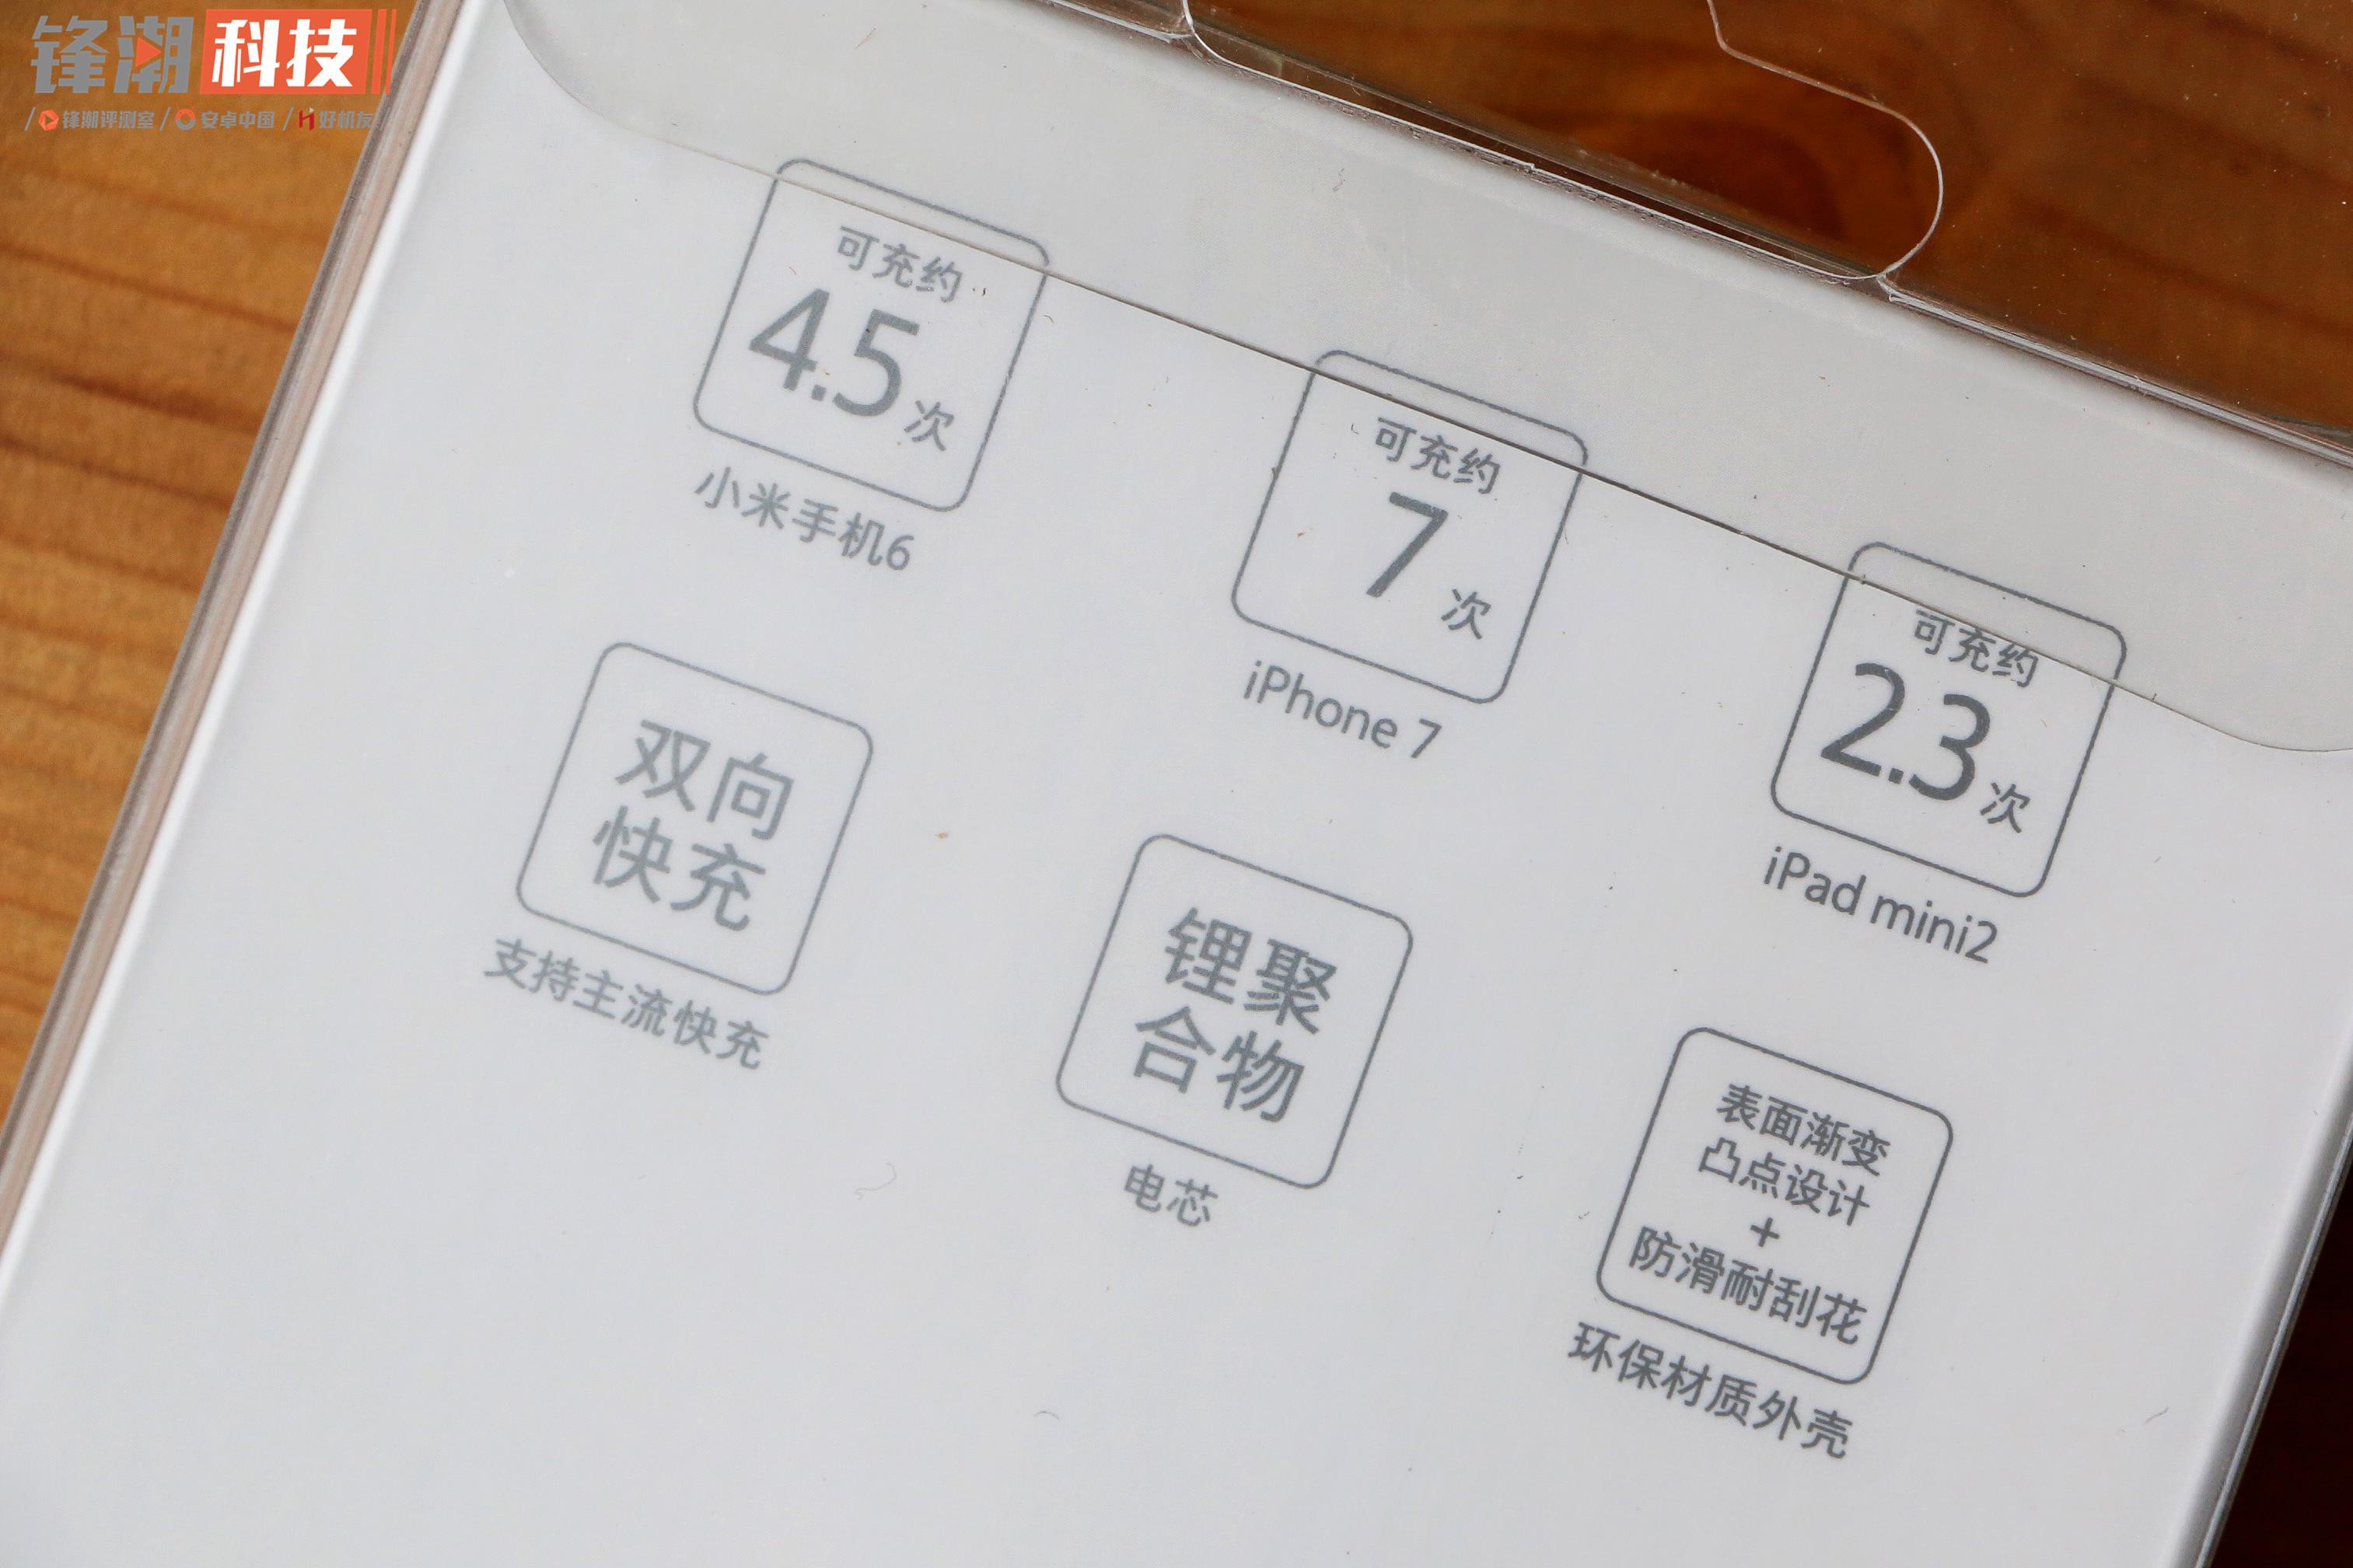 【力皮西】小米移动电源2C图赏:简约素雅下的大容量快充